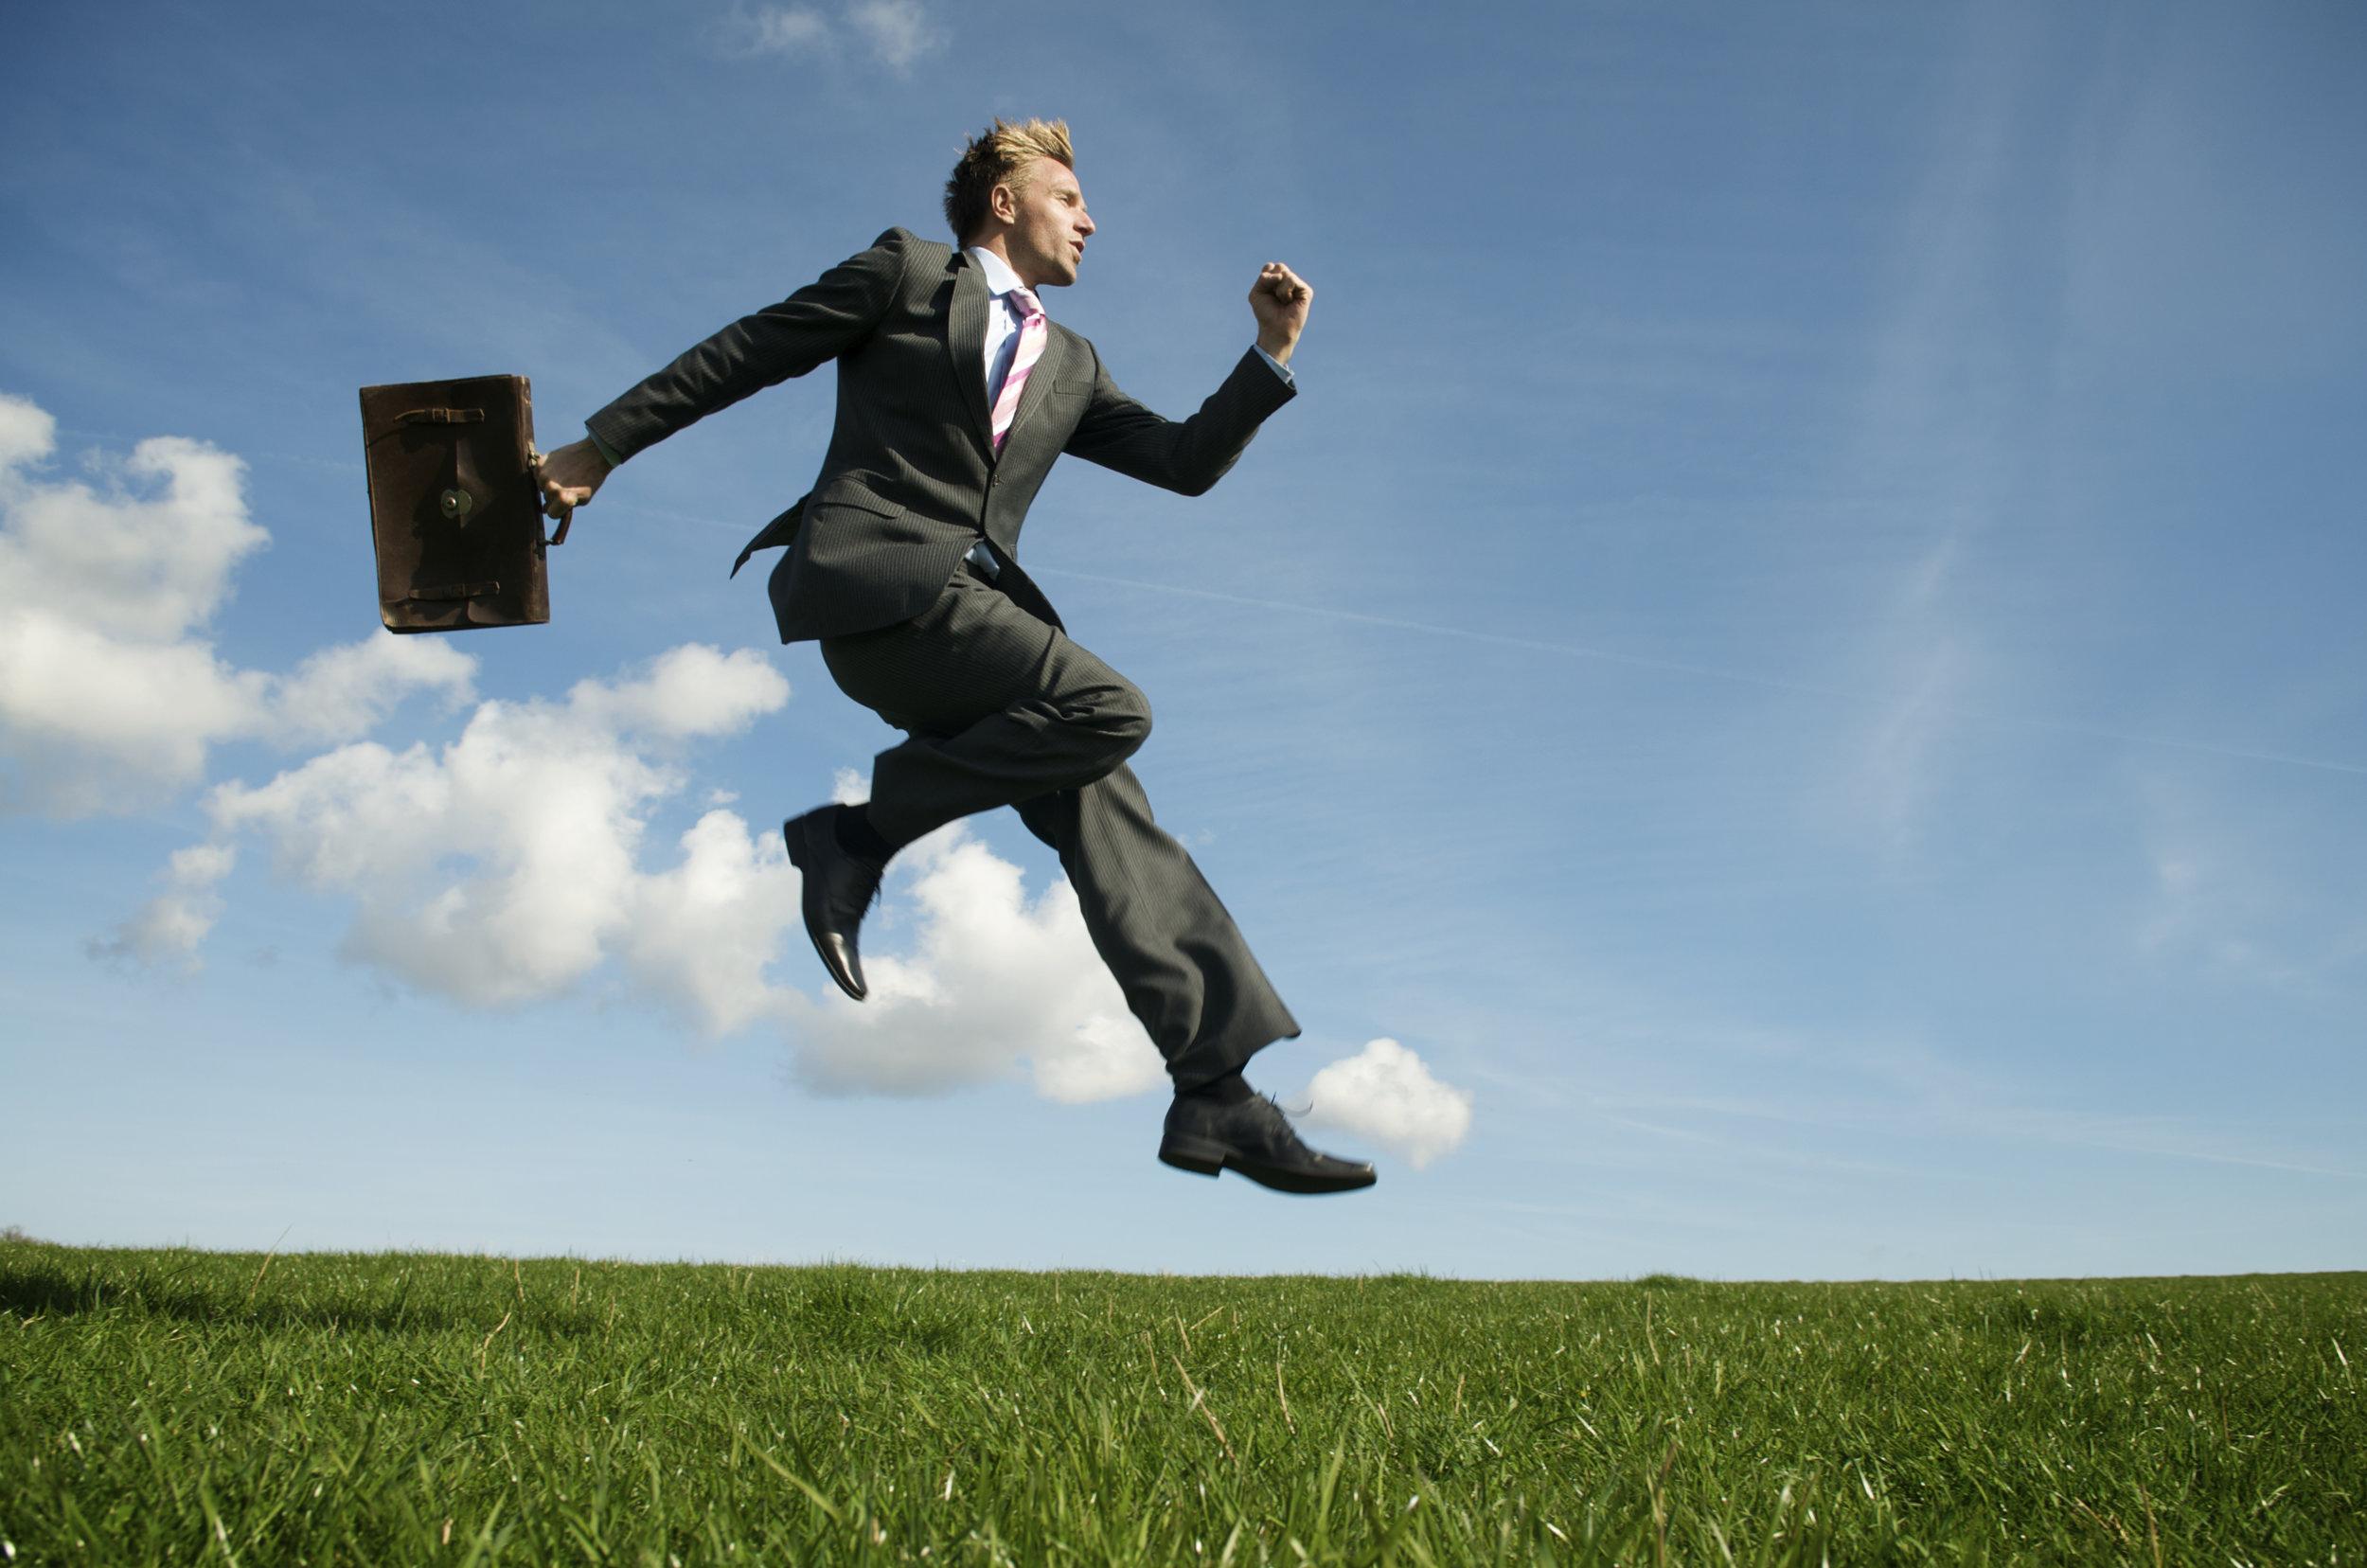 Businessman jumping on grass.jpg